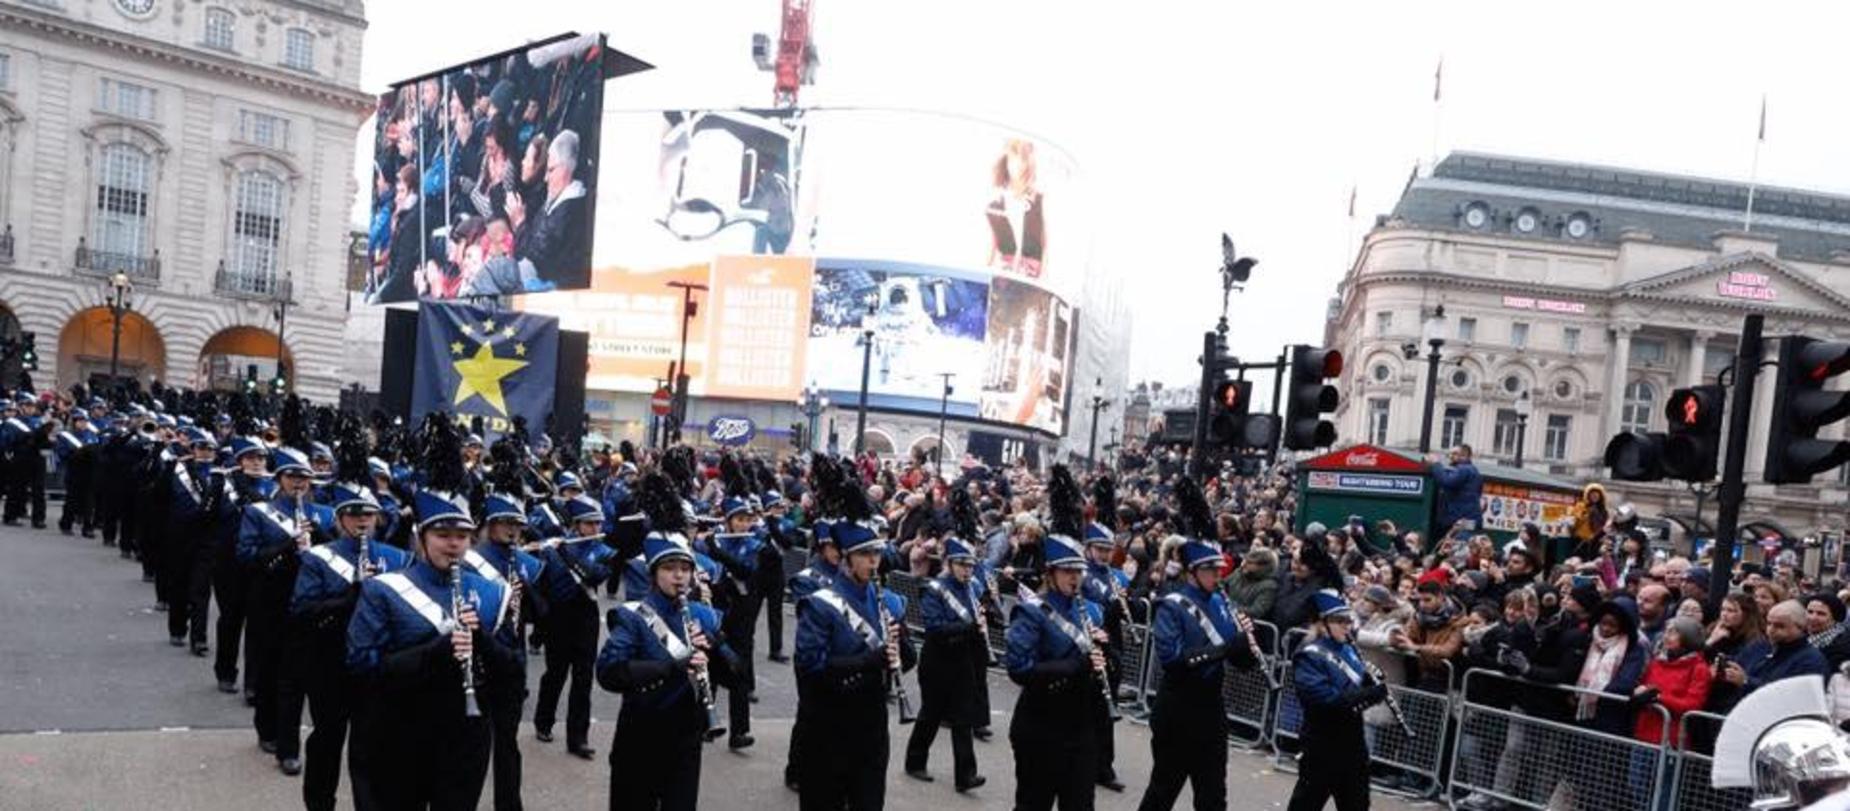 Band London Trip